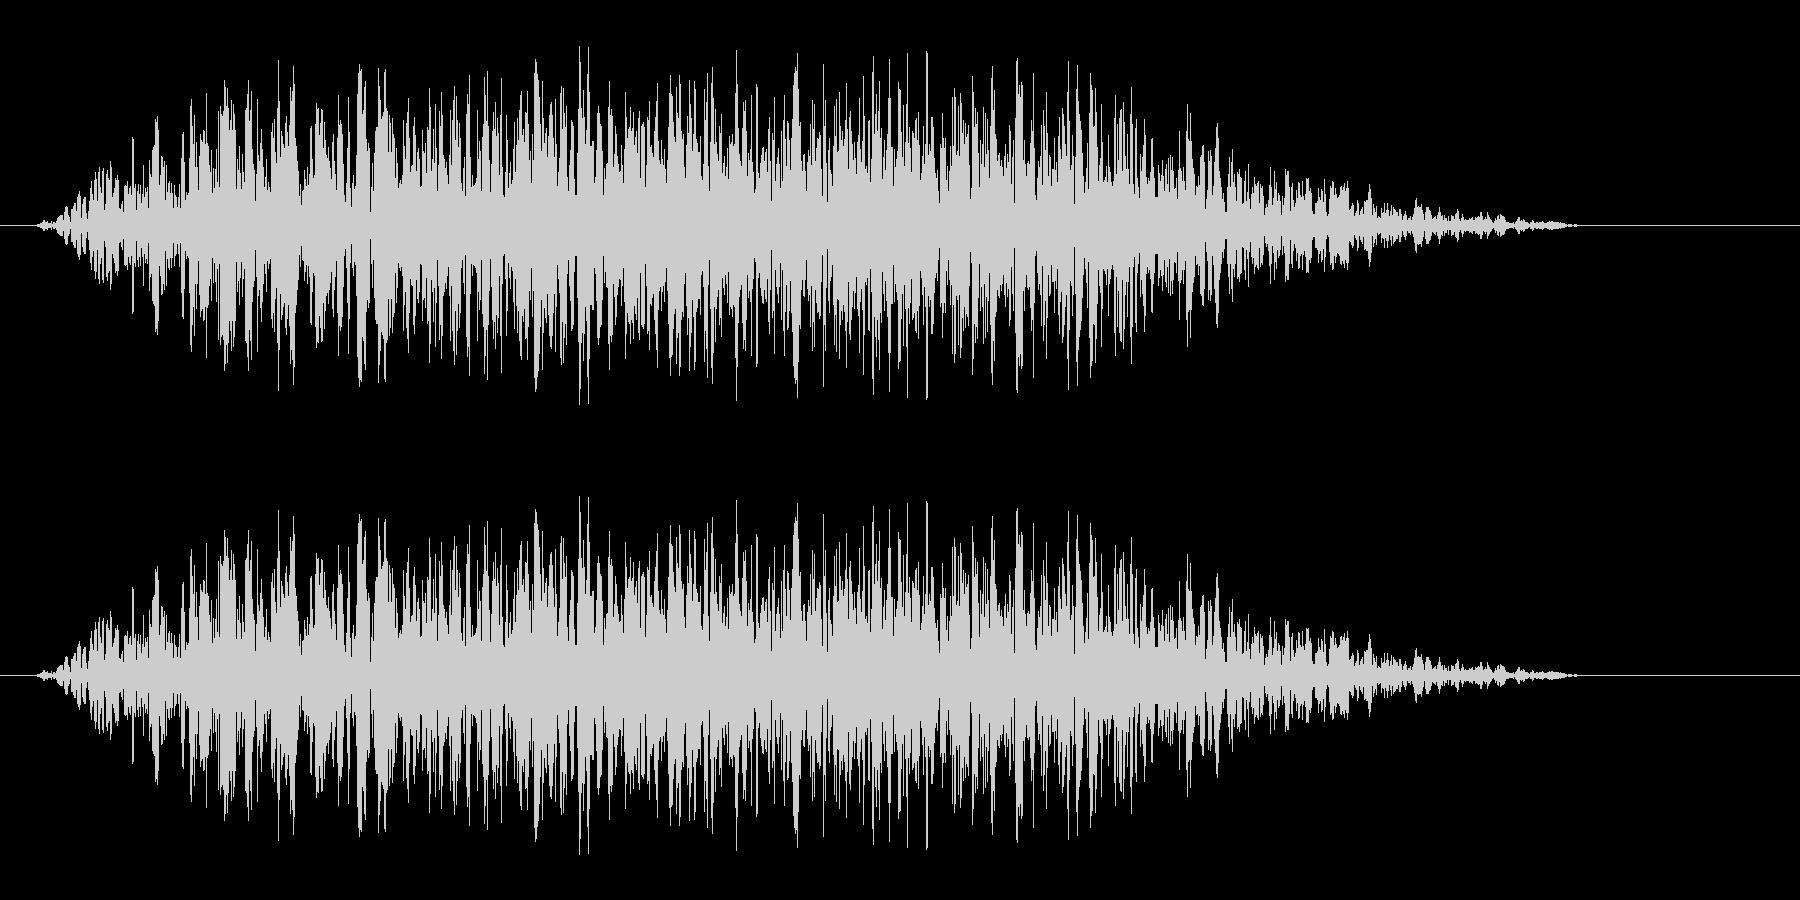 カセットテープが詰まる音の未再生の波形